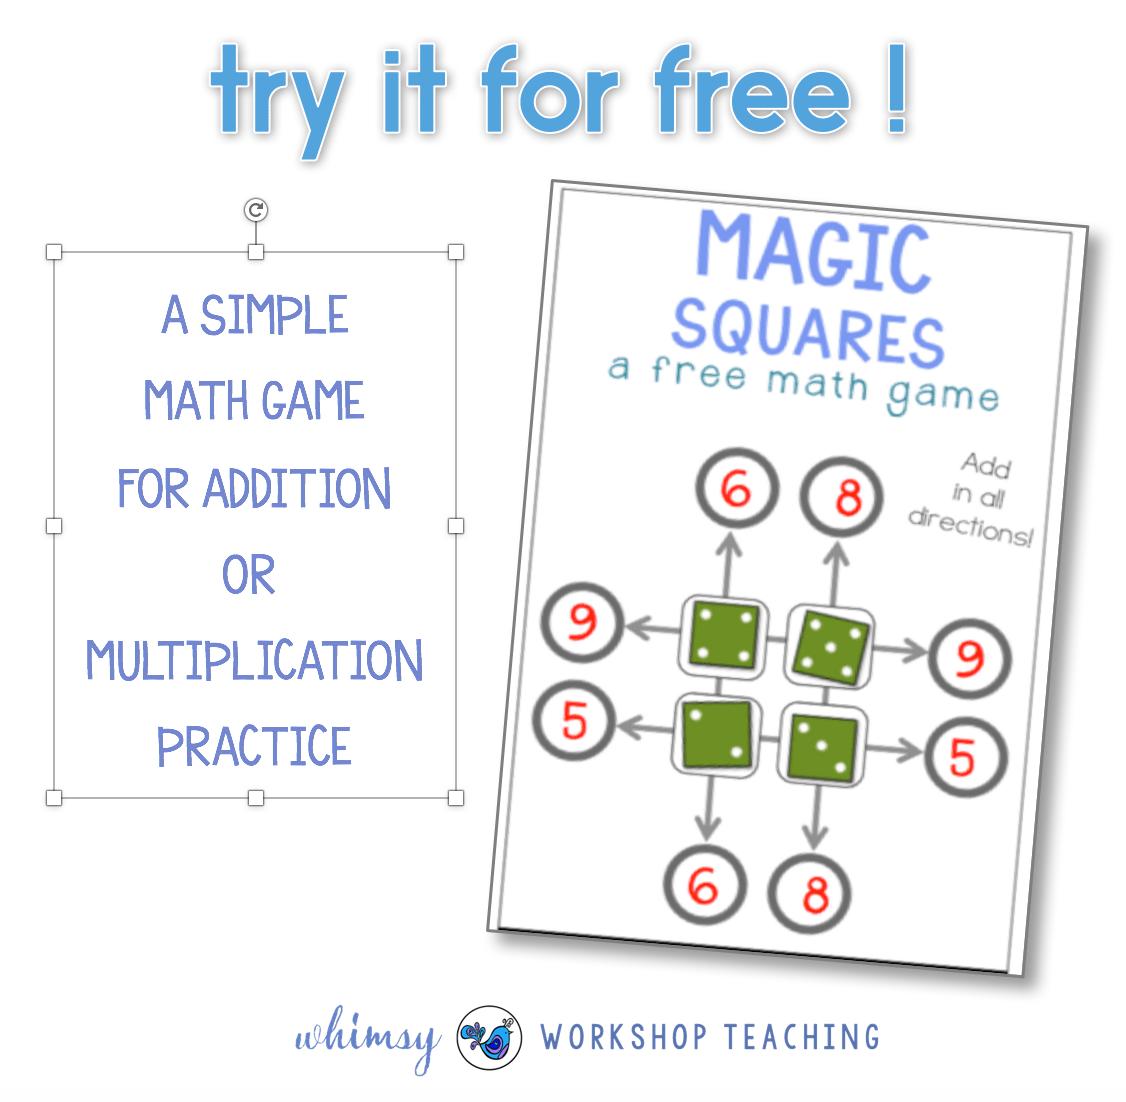 Free Magic Squares Math Game